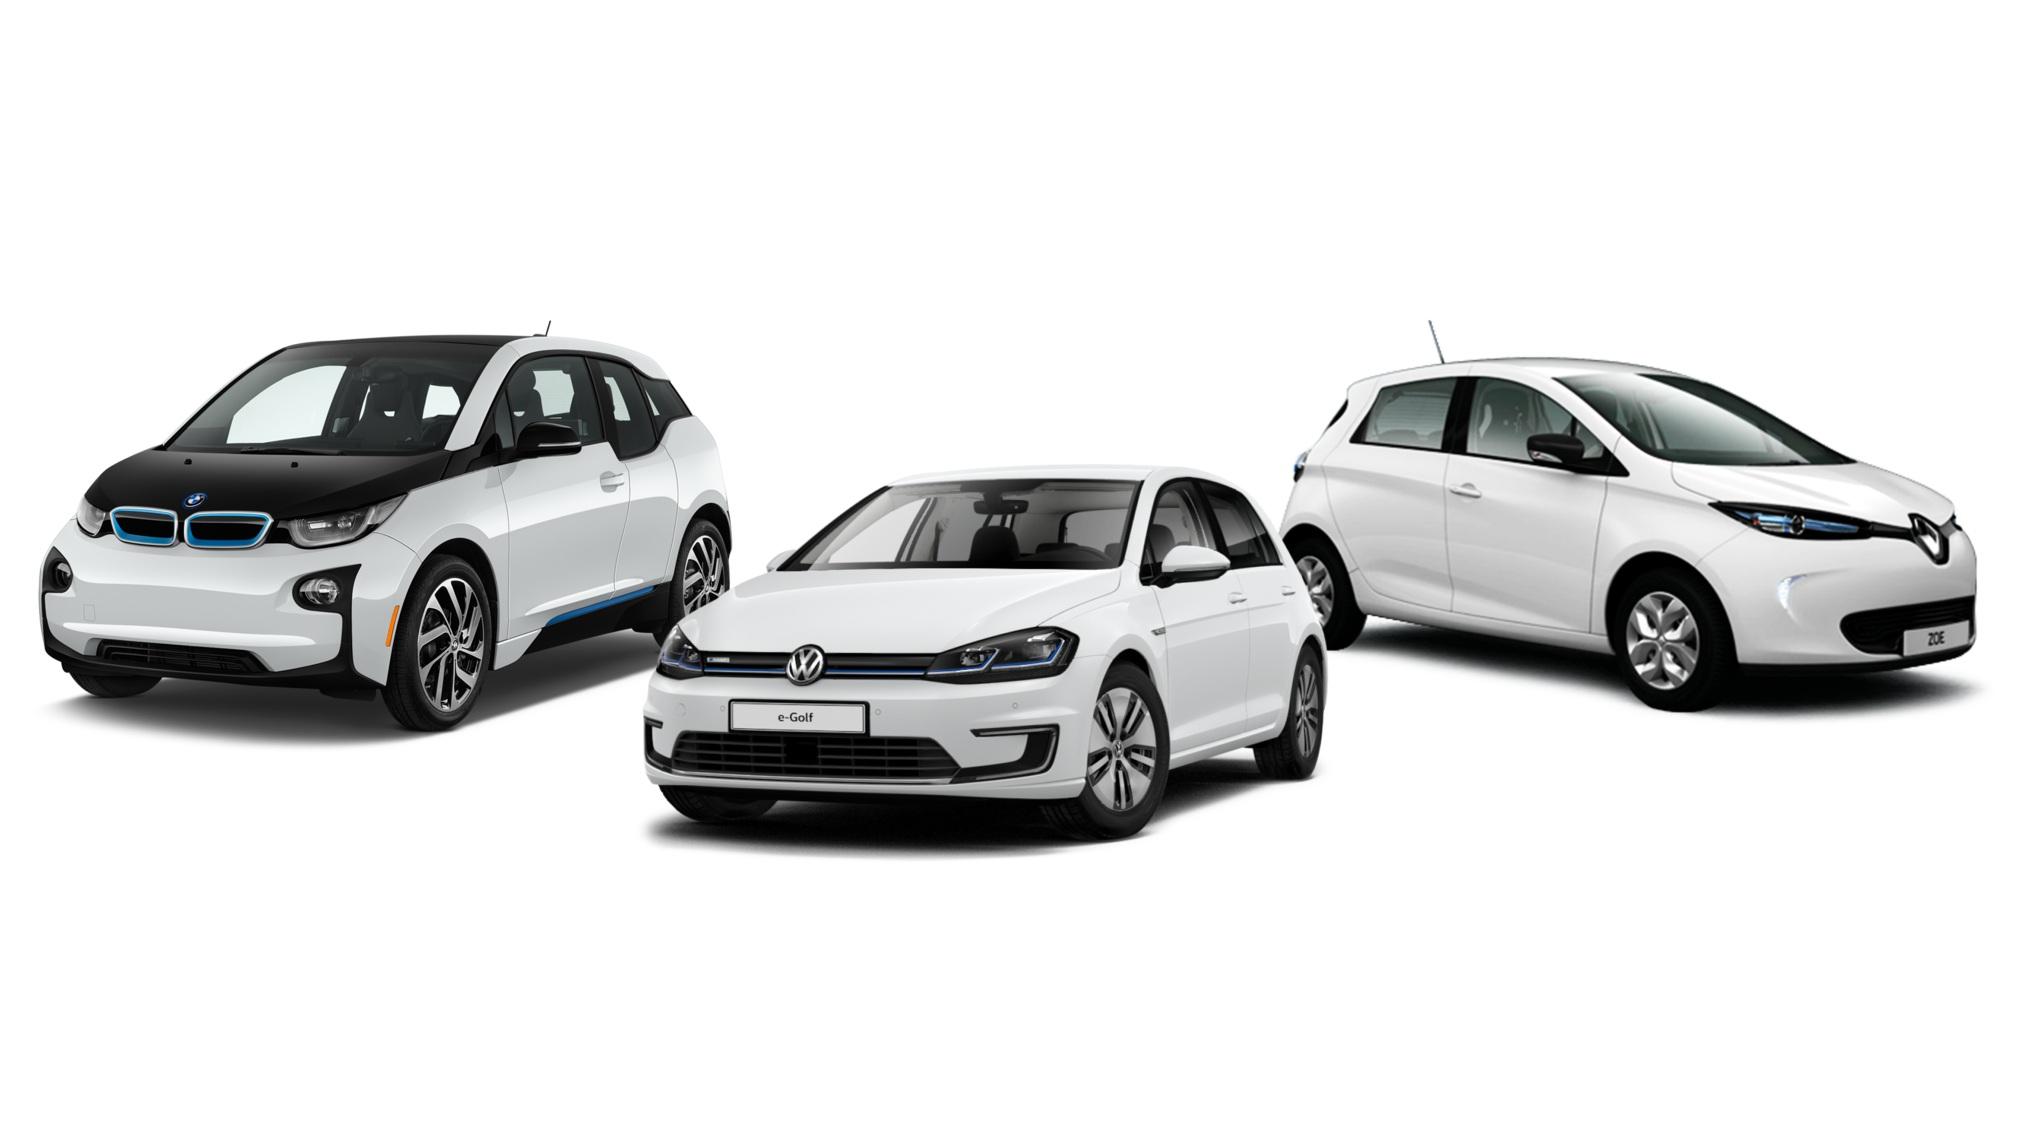 Ida, Nick och Sofie - VÄSTMANNAGATAN 67, VASASTANElbilio erbjuder användare att hyra en BMW i3, Renault Zoe, VW eGolf